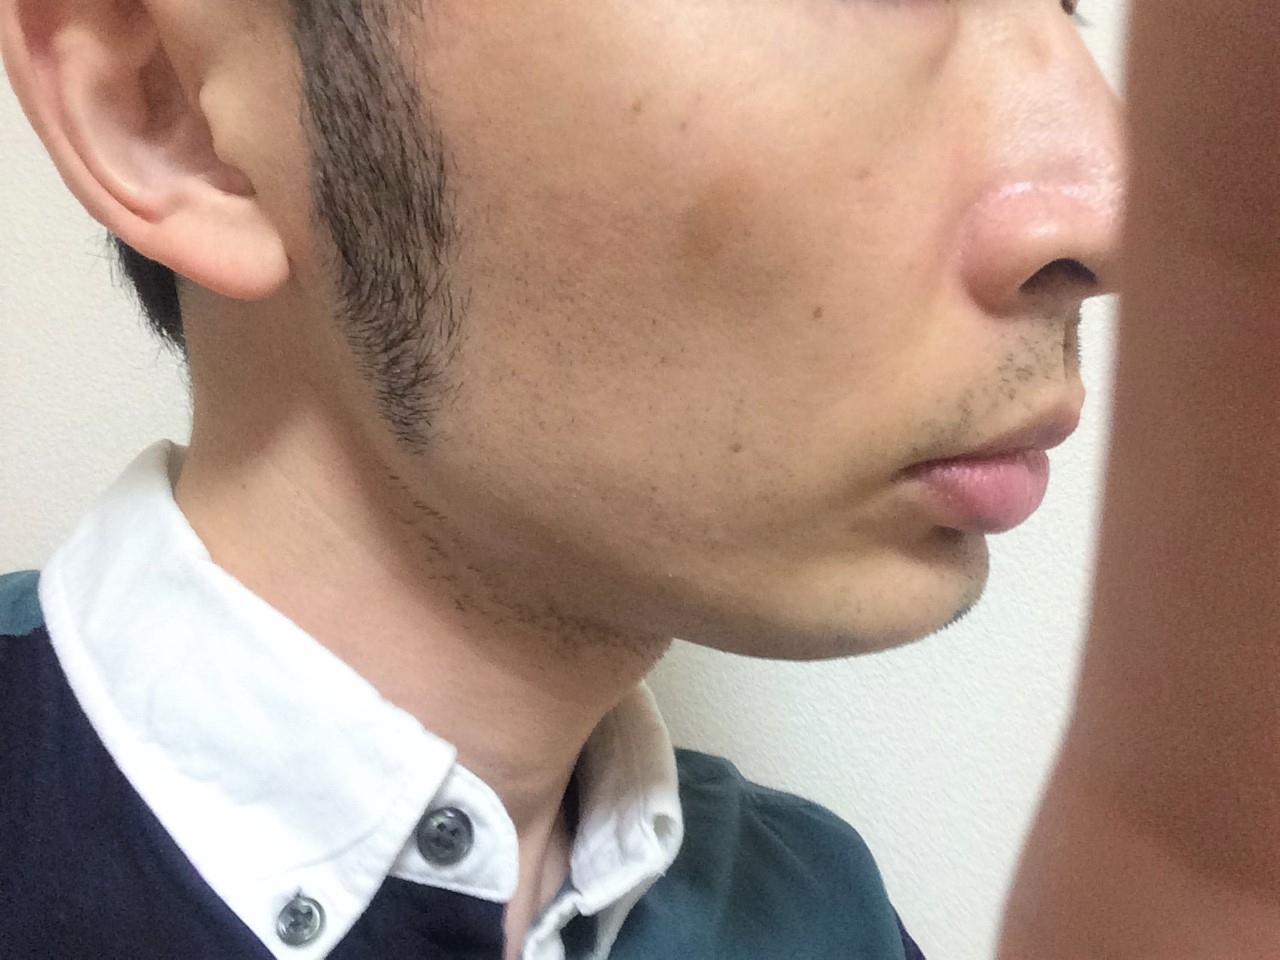 頬ひげ脱毛4回目の効果